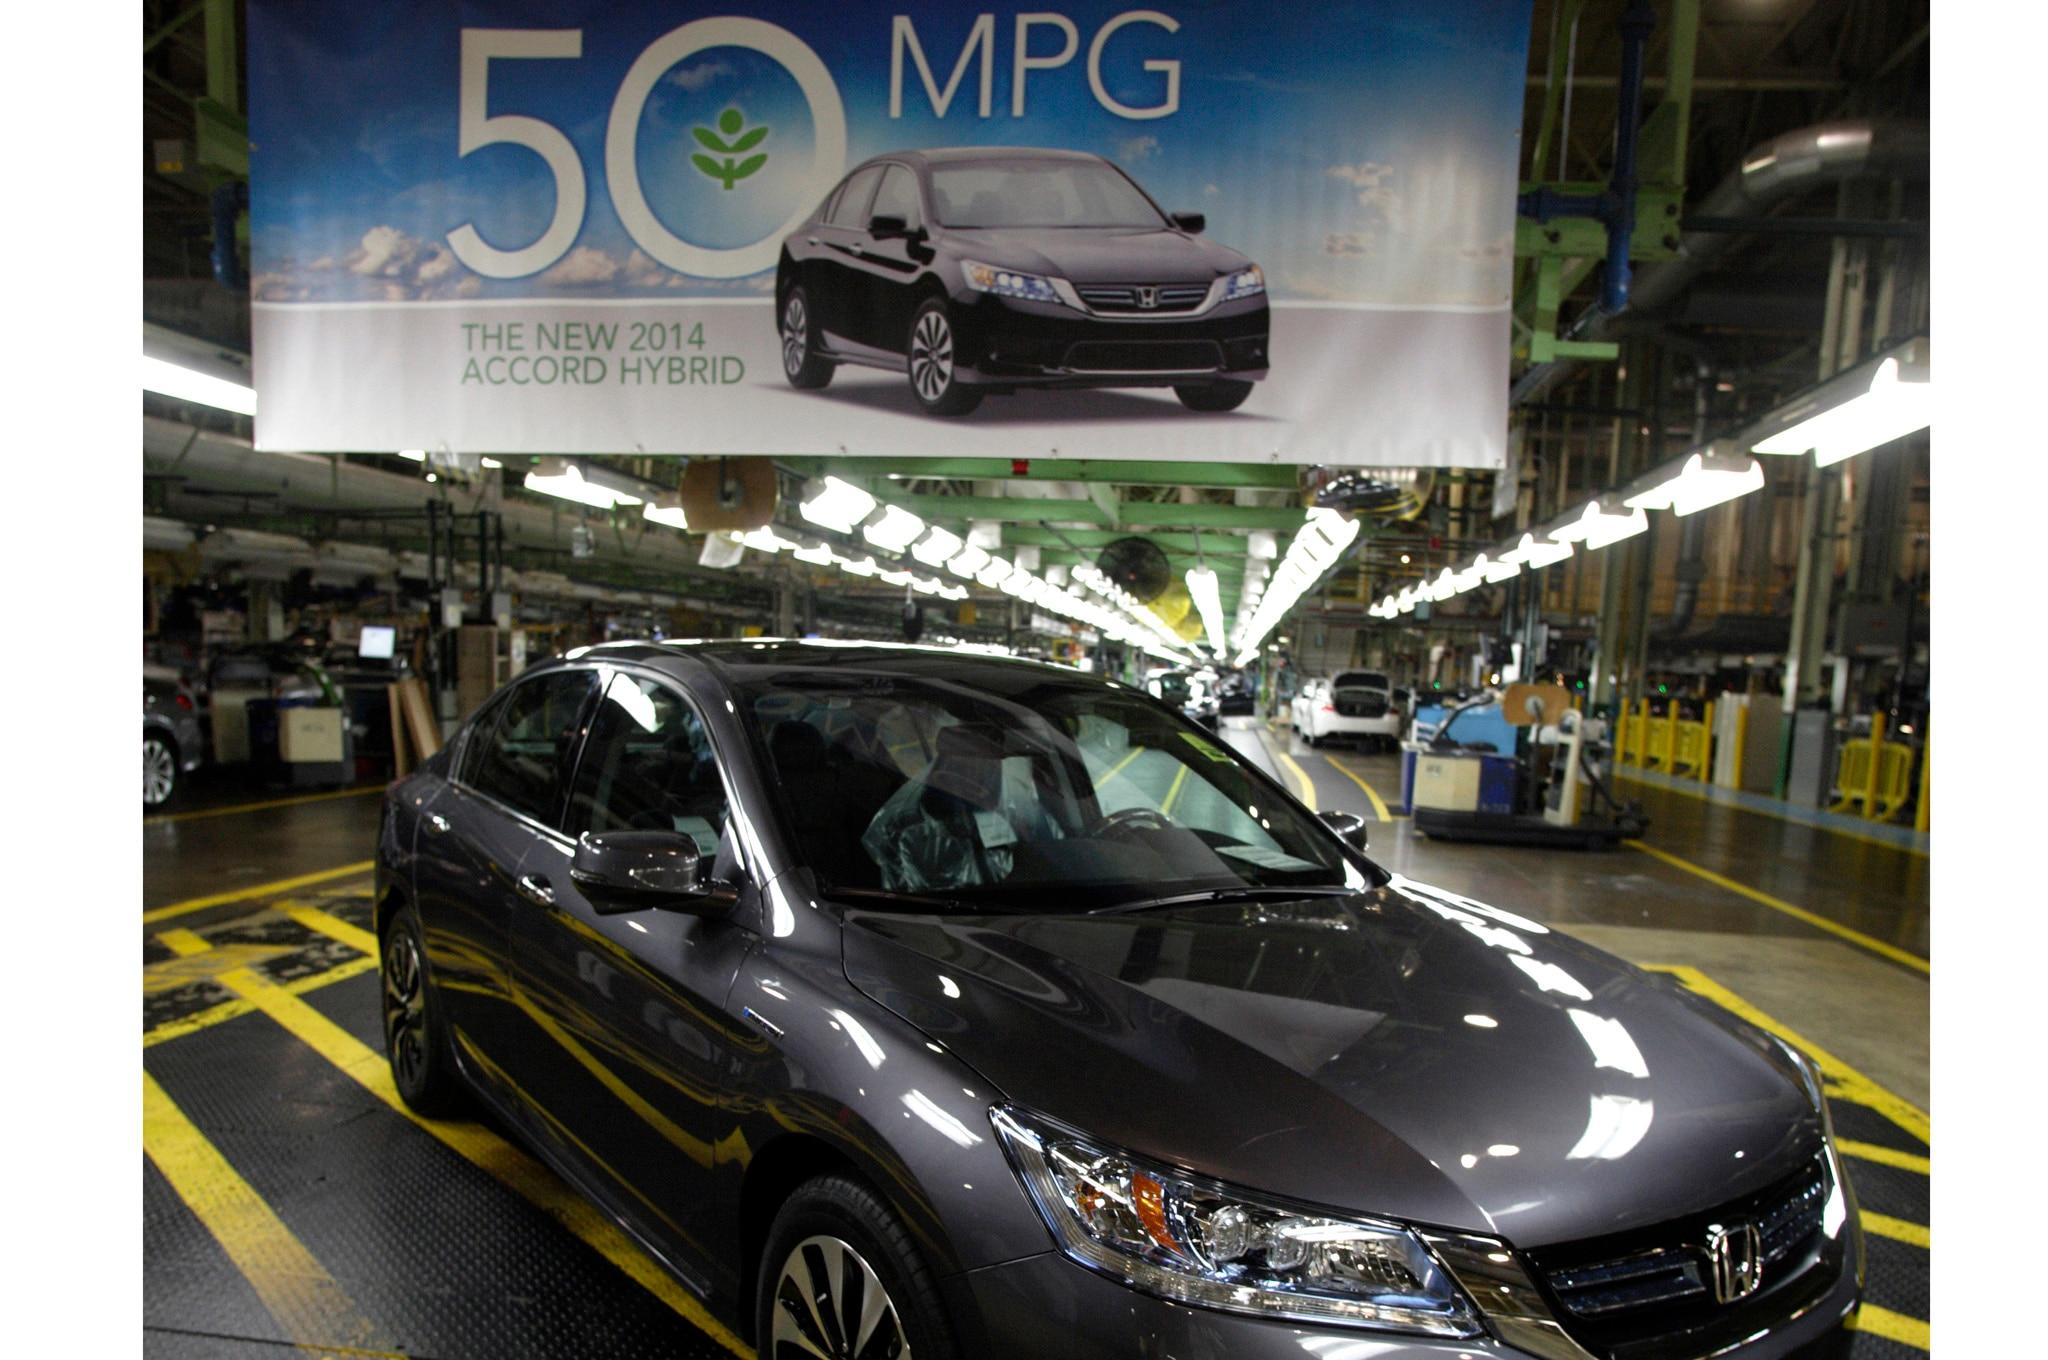 2014 Honda Accord Hybrid Rated at 50 MPG City